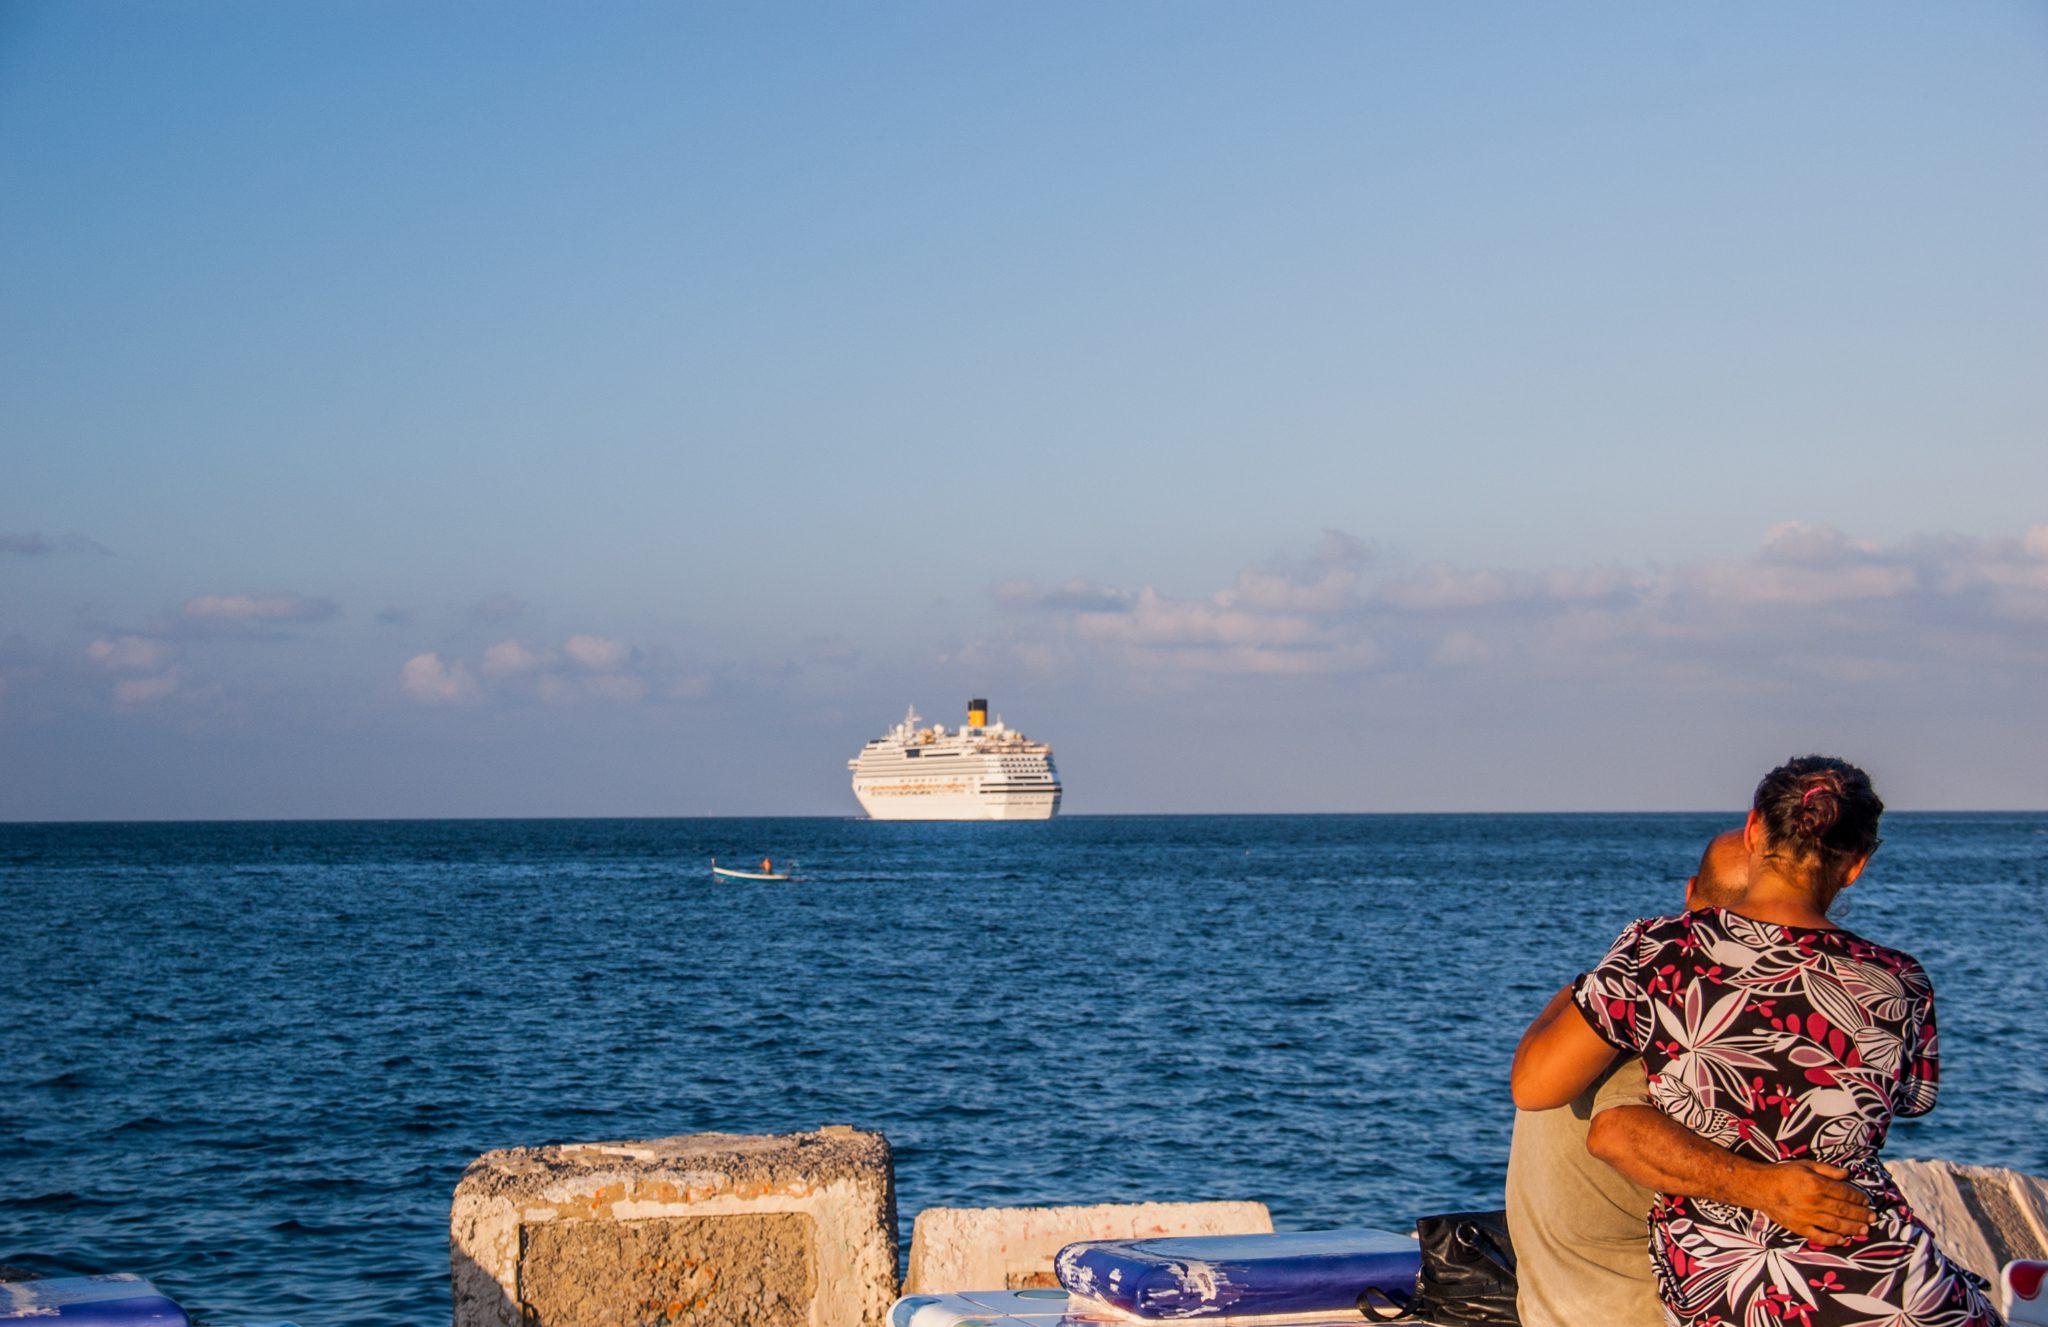 Vanaf het Foro Italico van Palermo heb je een mooi uitzicht over de Middellandse zee.